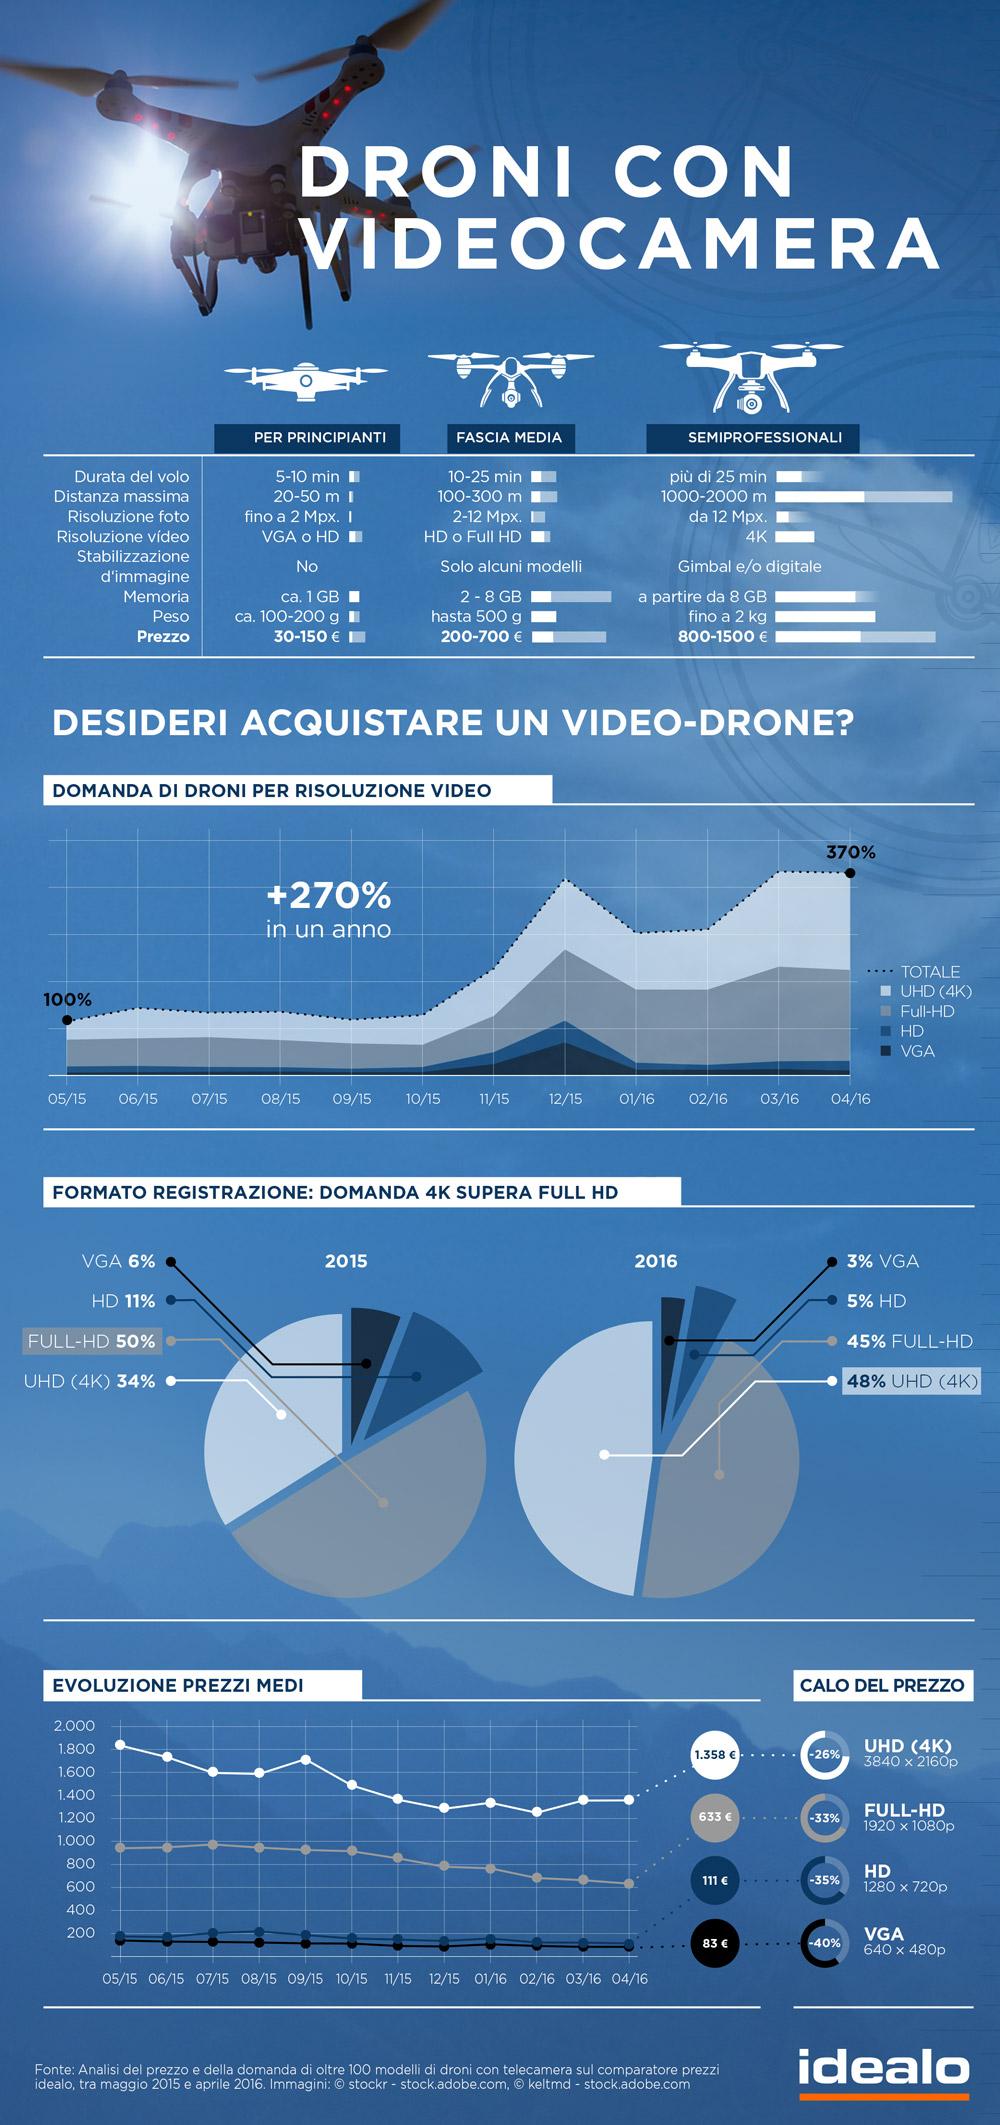 Droni_con-telecamera_Infografica